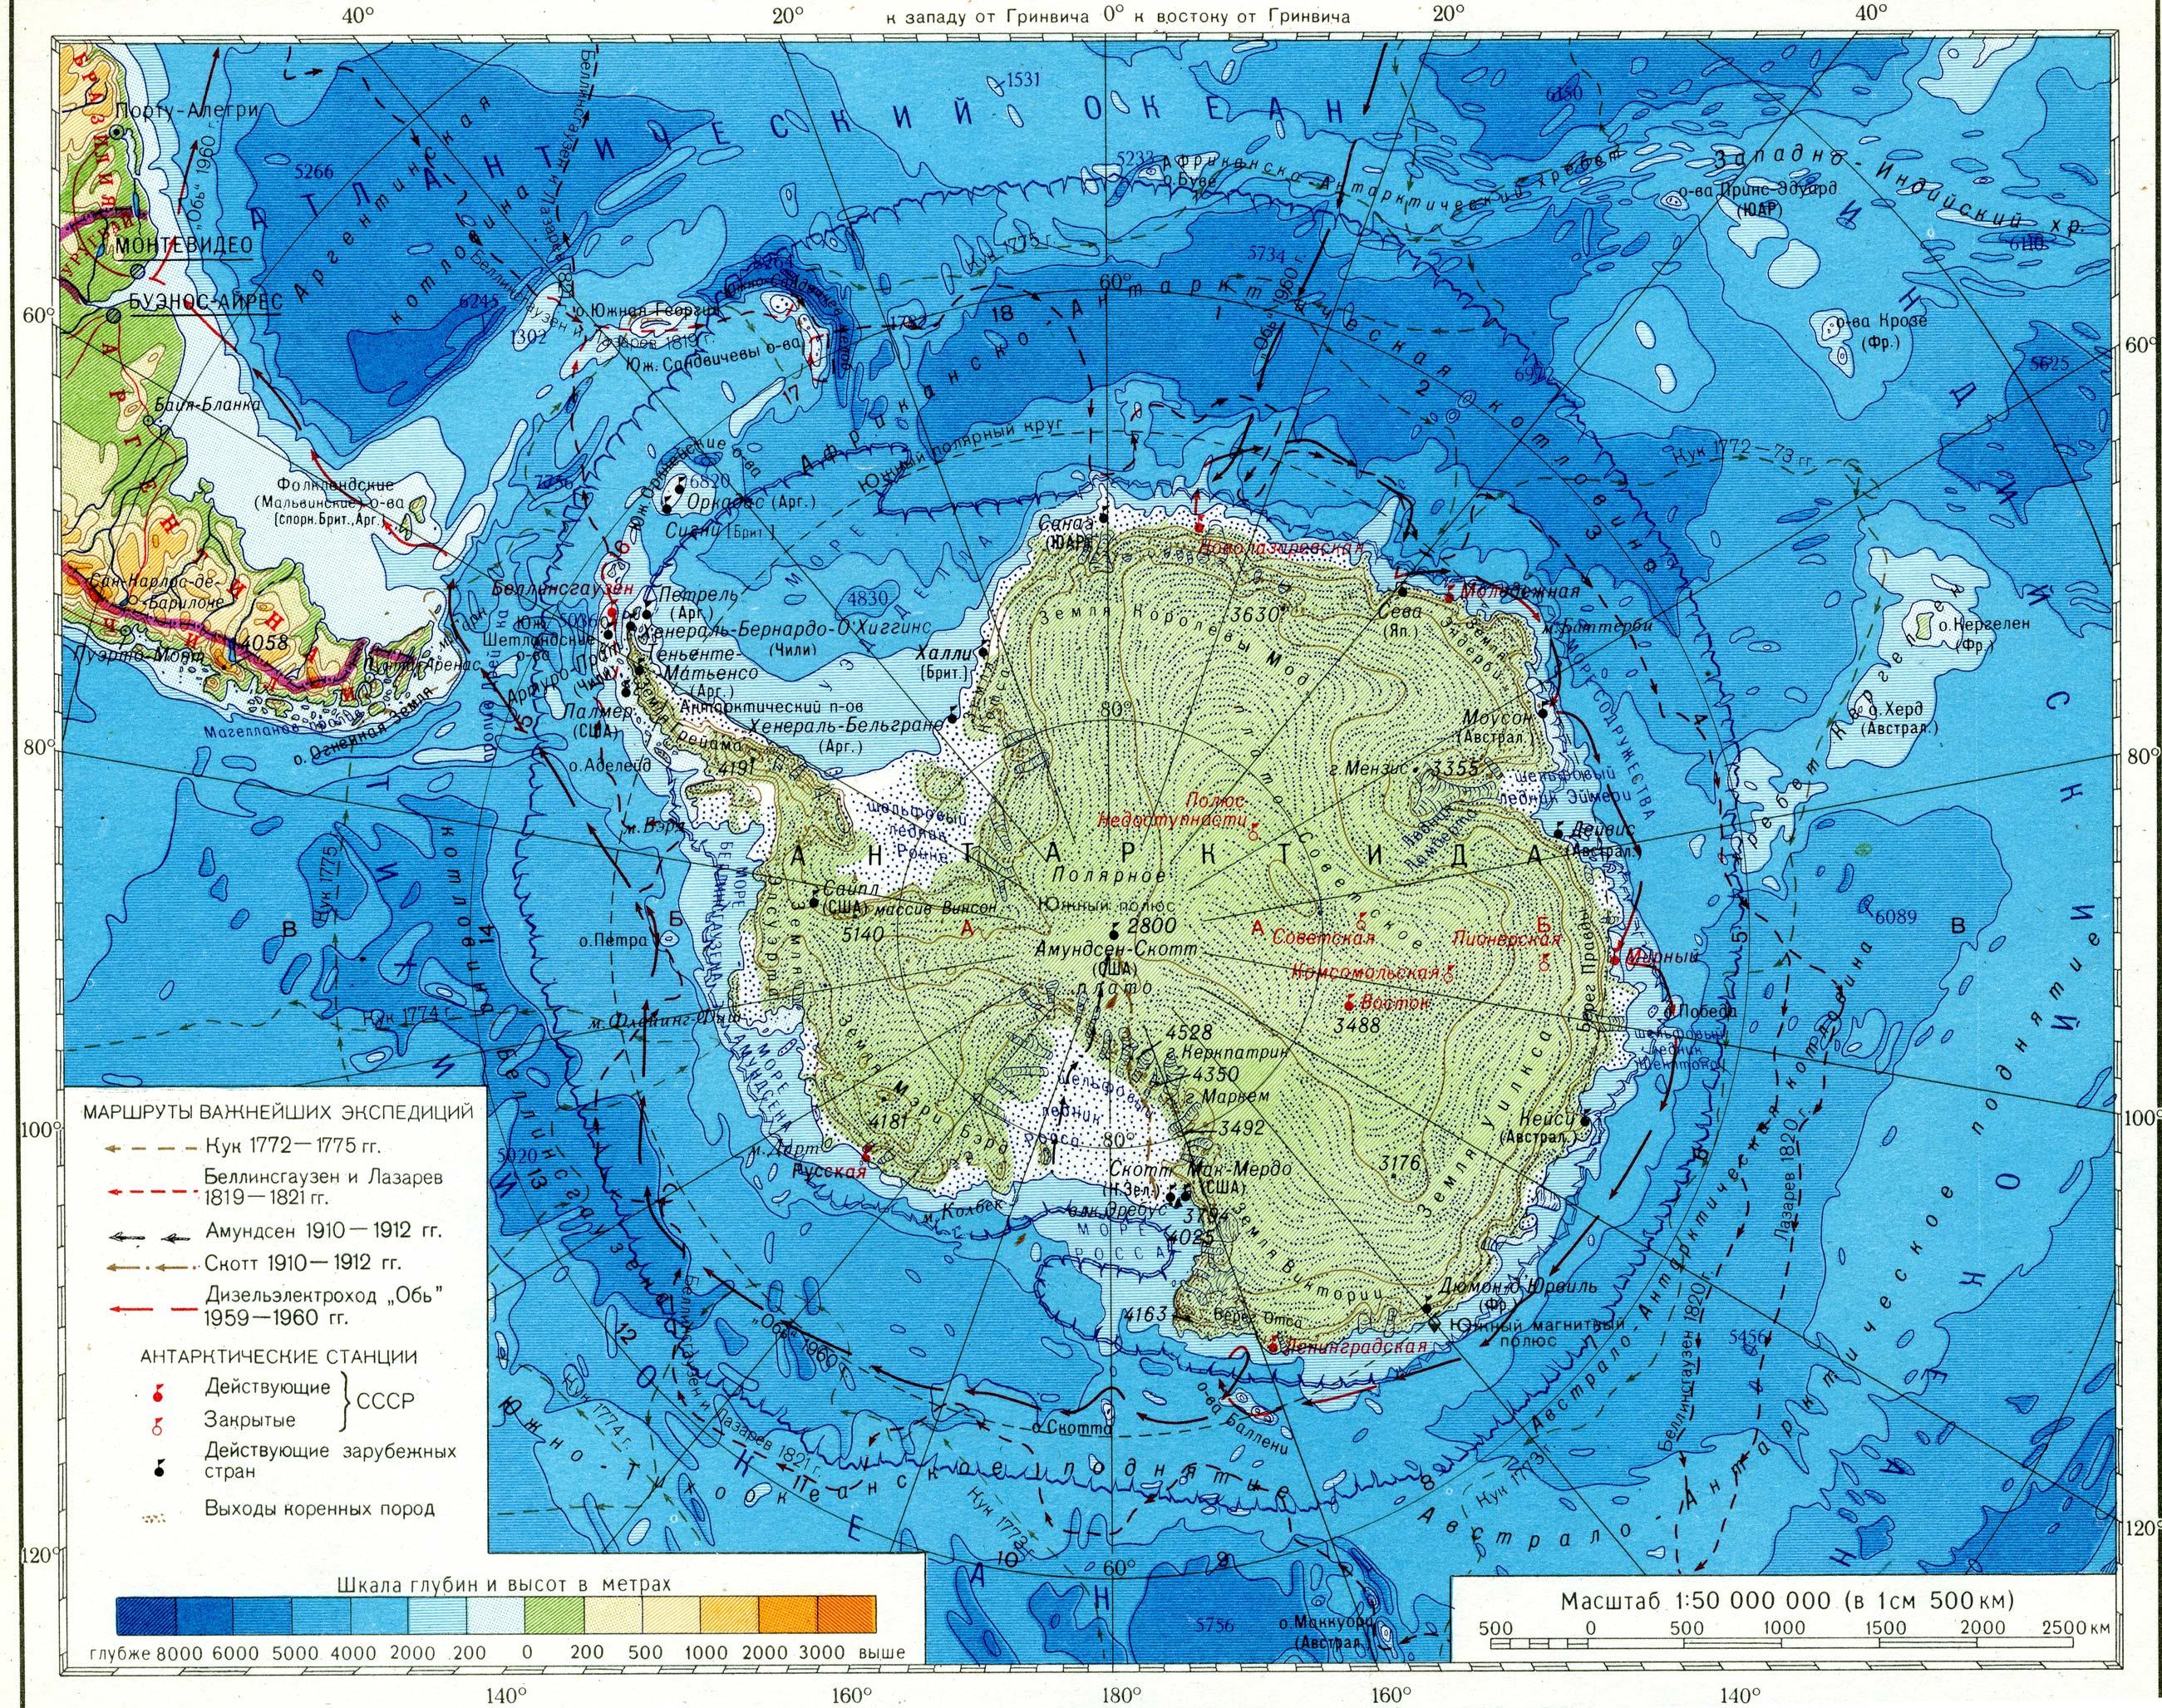 того, физическая карта антарктиды фото менталитетов, языковой